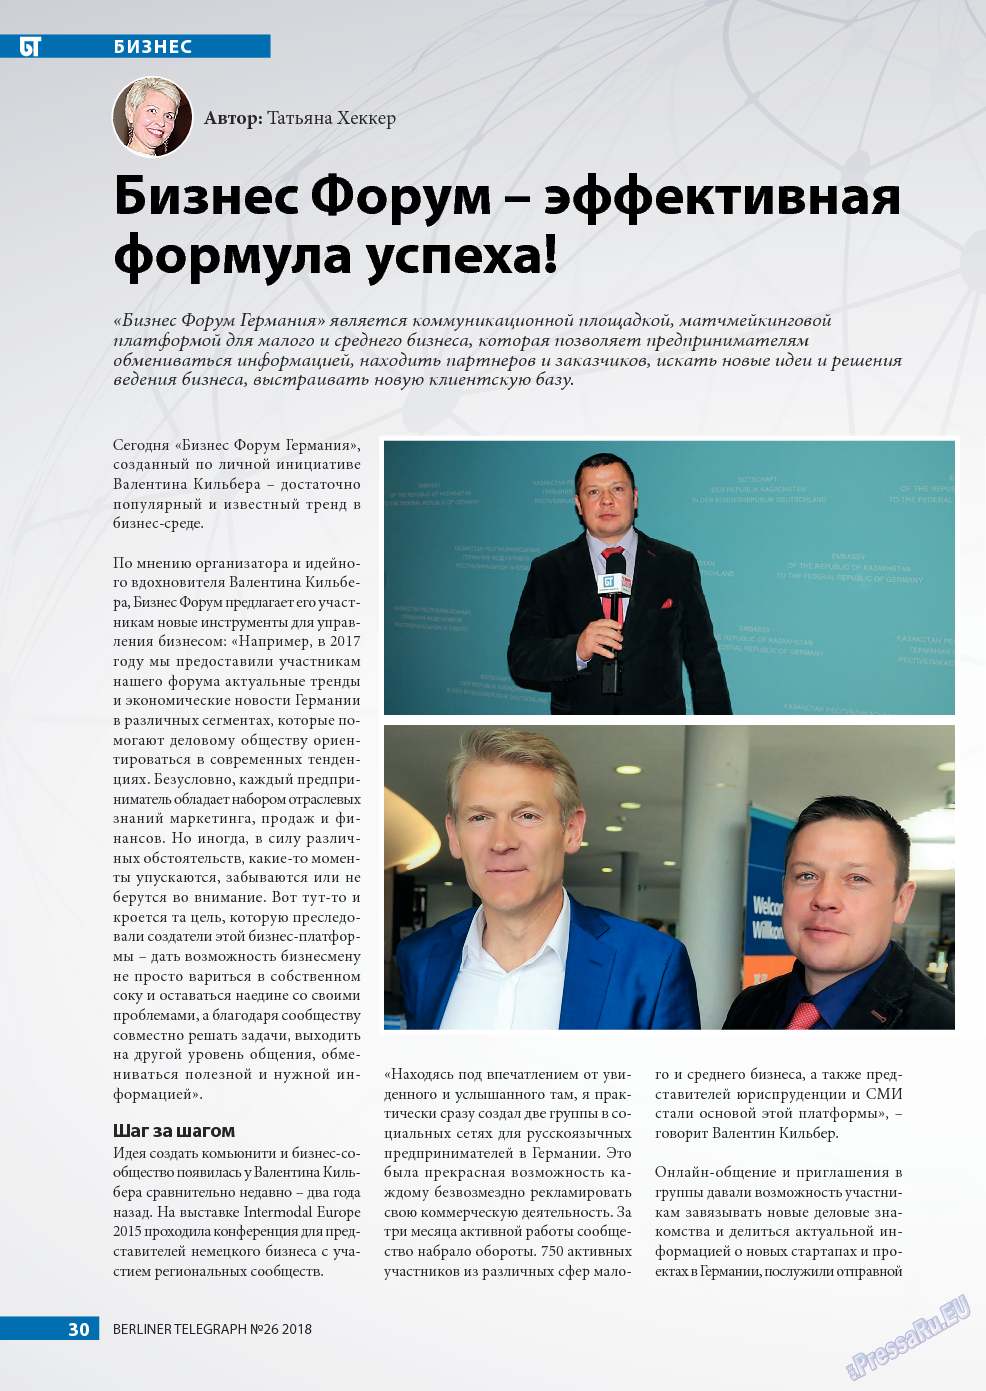 Берлинский телеграф (журнал). 2018 год, номер 26, стр. 30